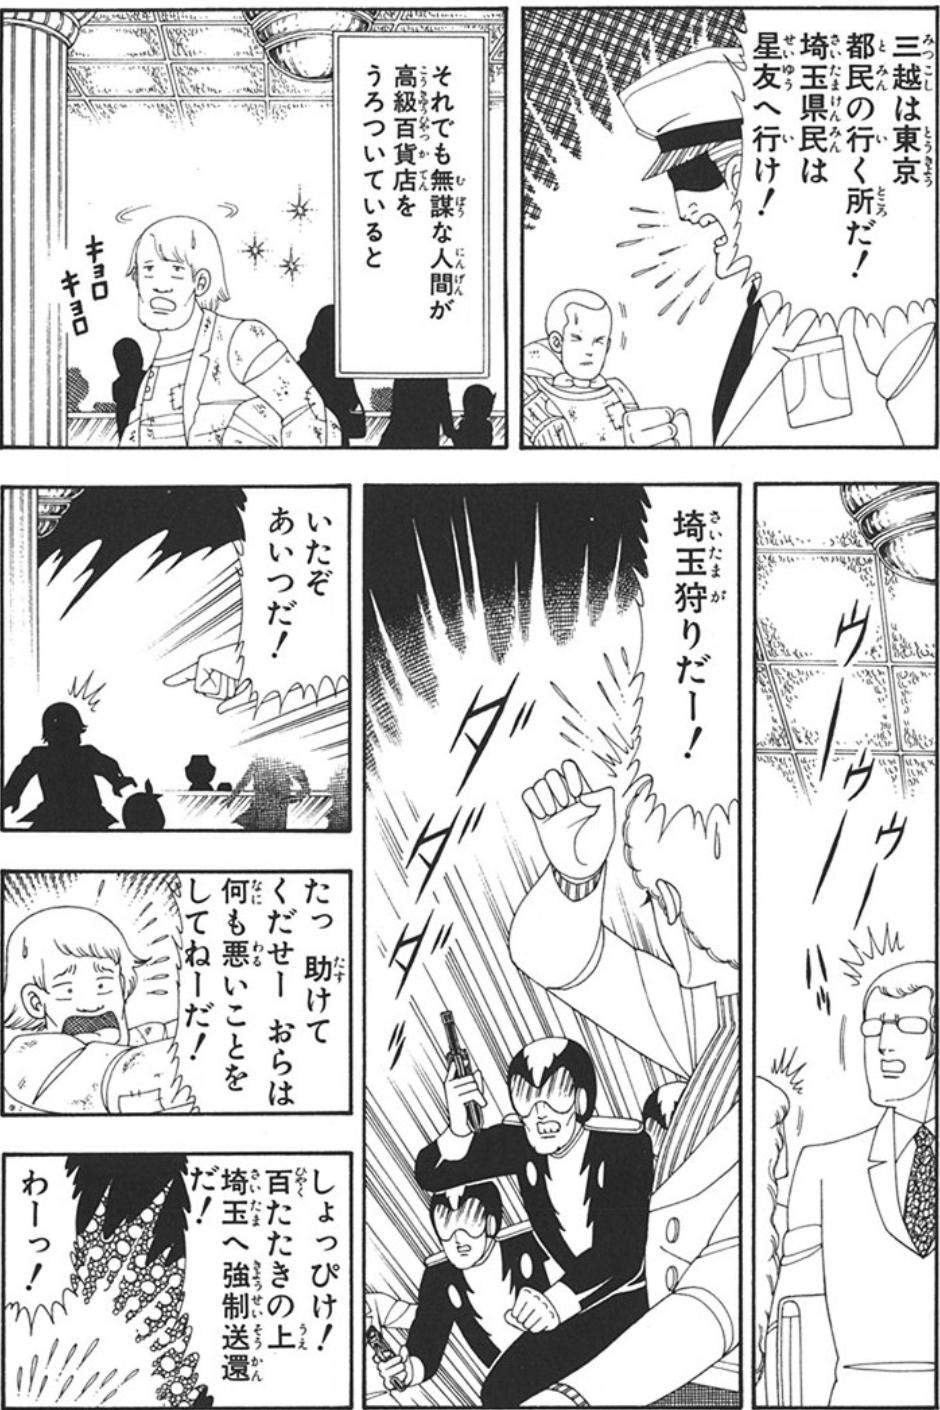 『翔んで埼玉』名言ランキング第14位:「三越は東京都民の行く所だ! 埼玉県民は星友へ行け!」